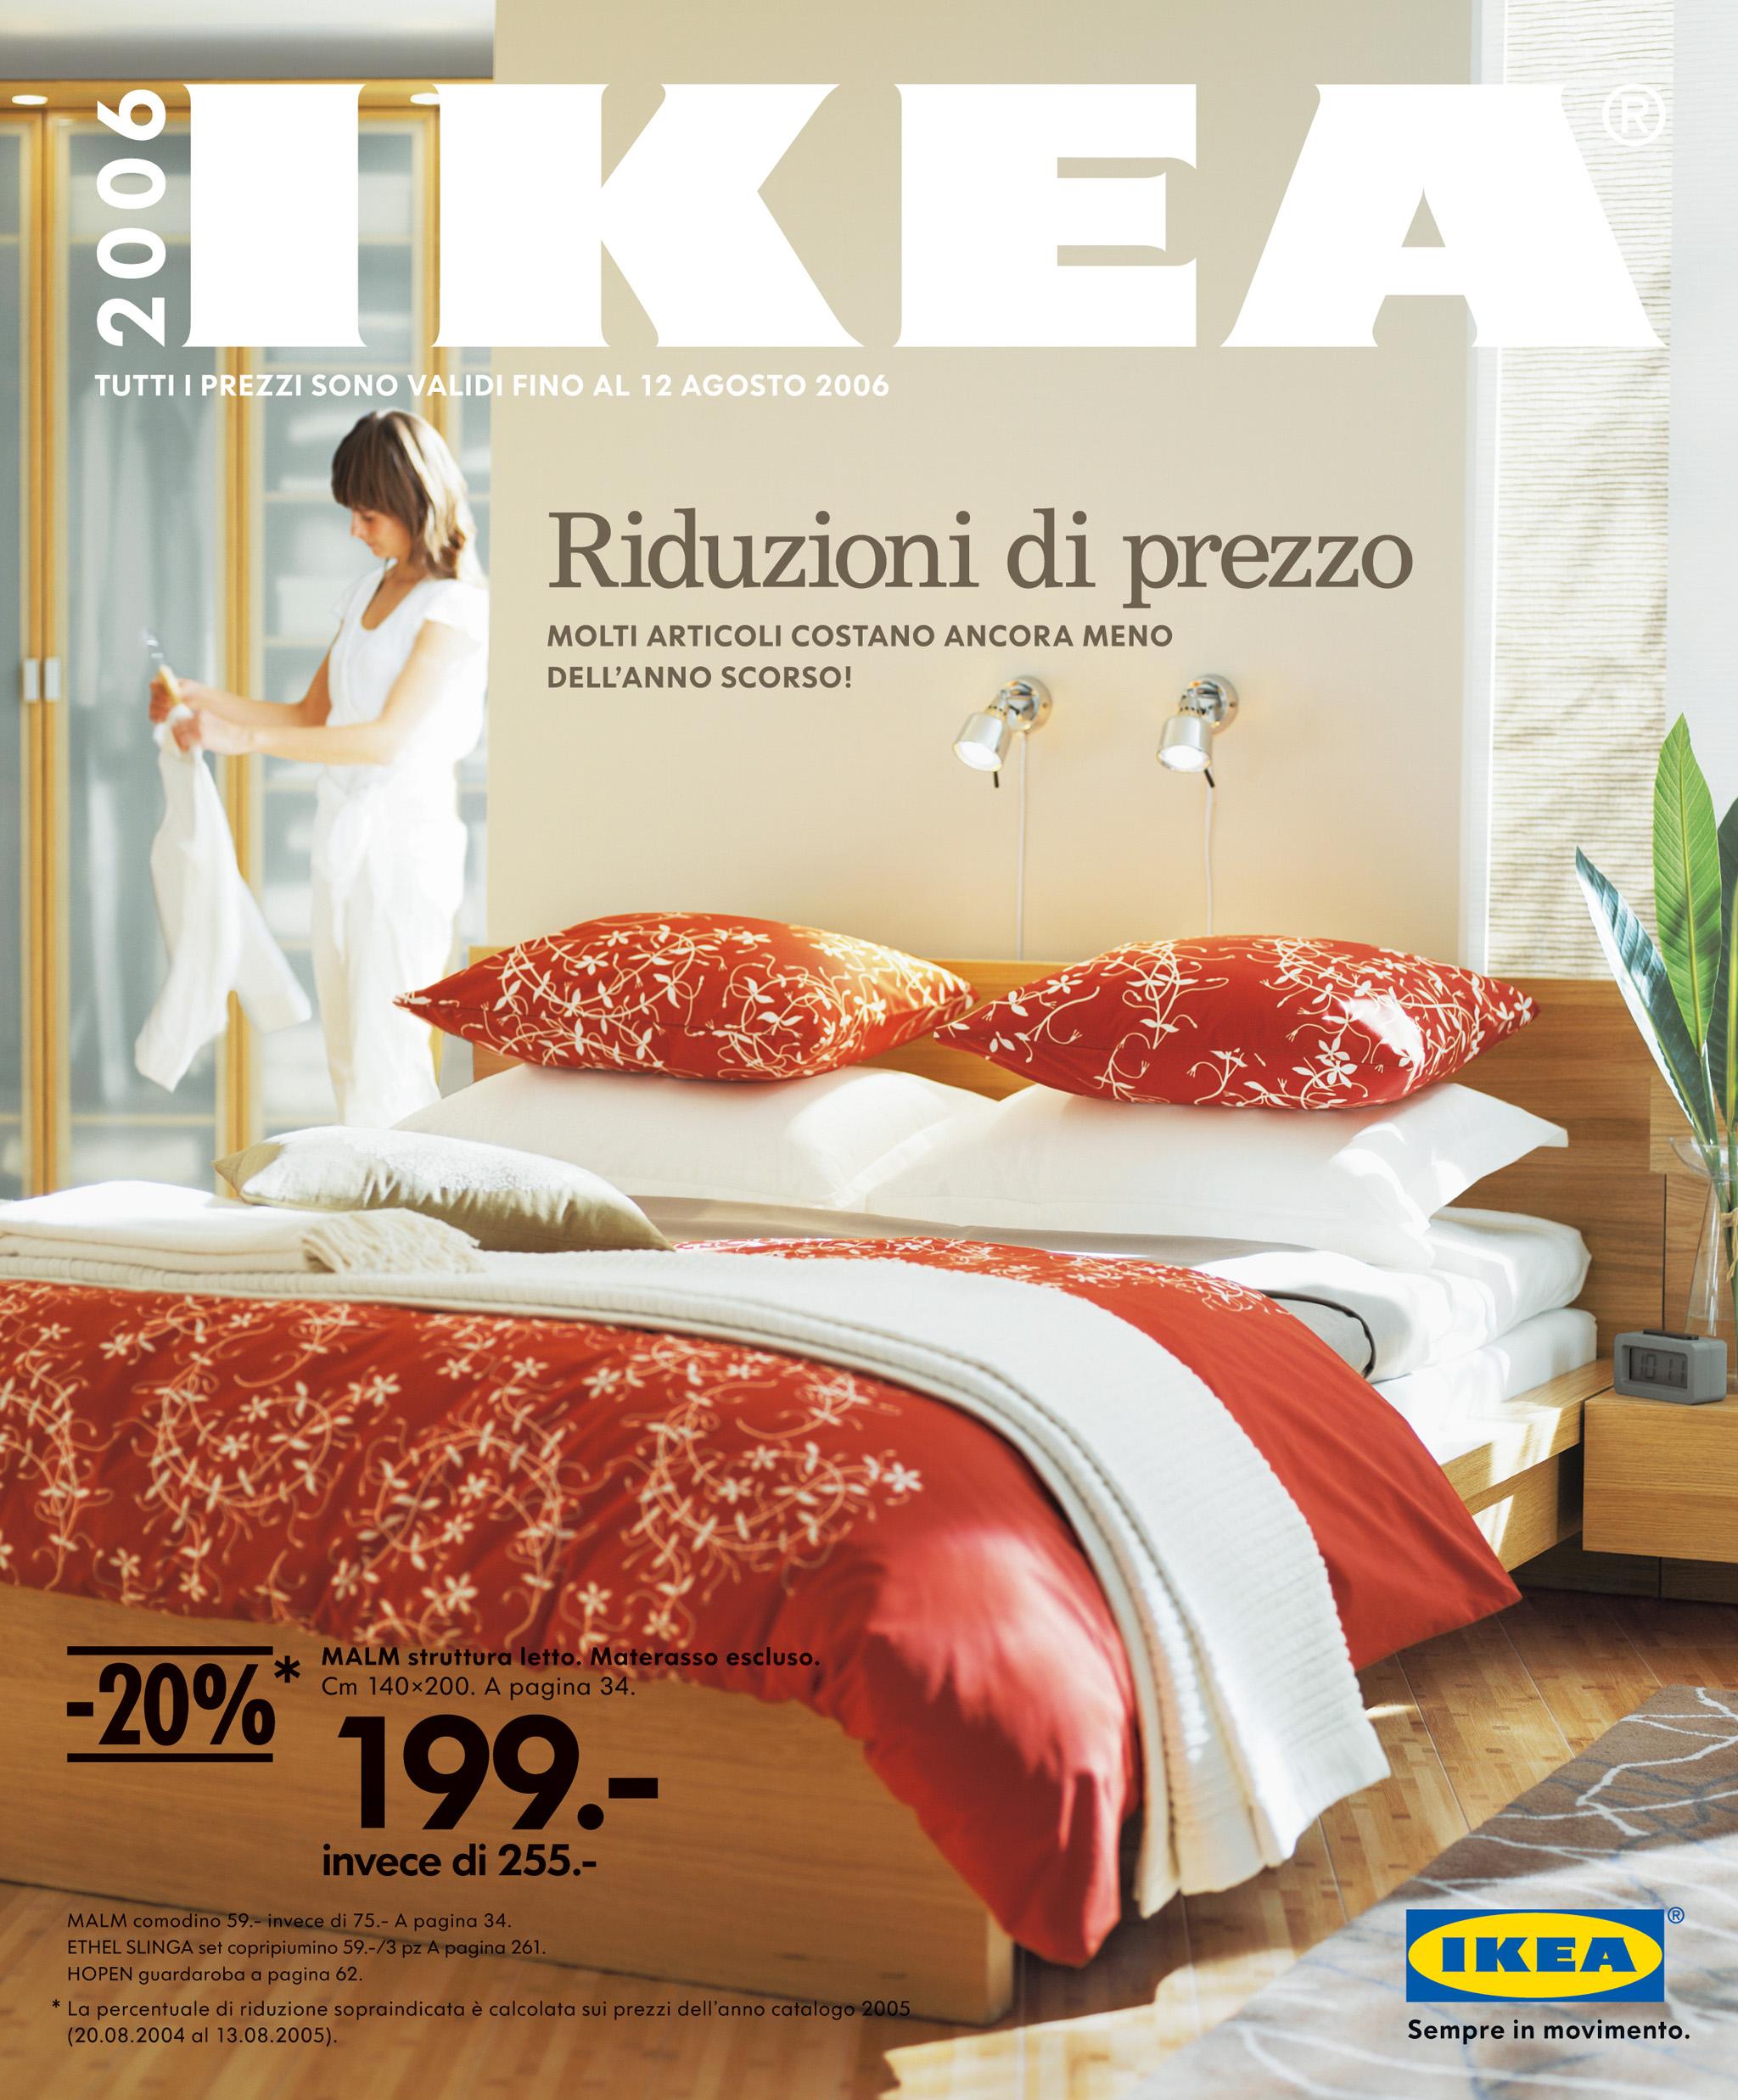 ikea le magasin d 39 ameublement investit 30 millions de chf dans la baisse de ses presseportal. Black Bedroom Furniture Sets. Home Design Ideas